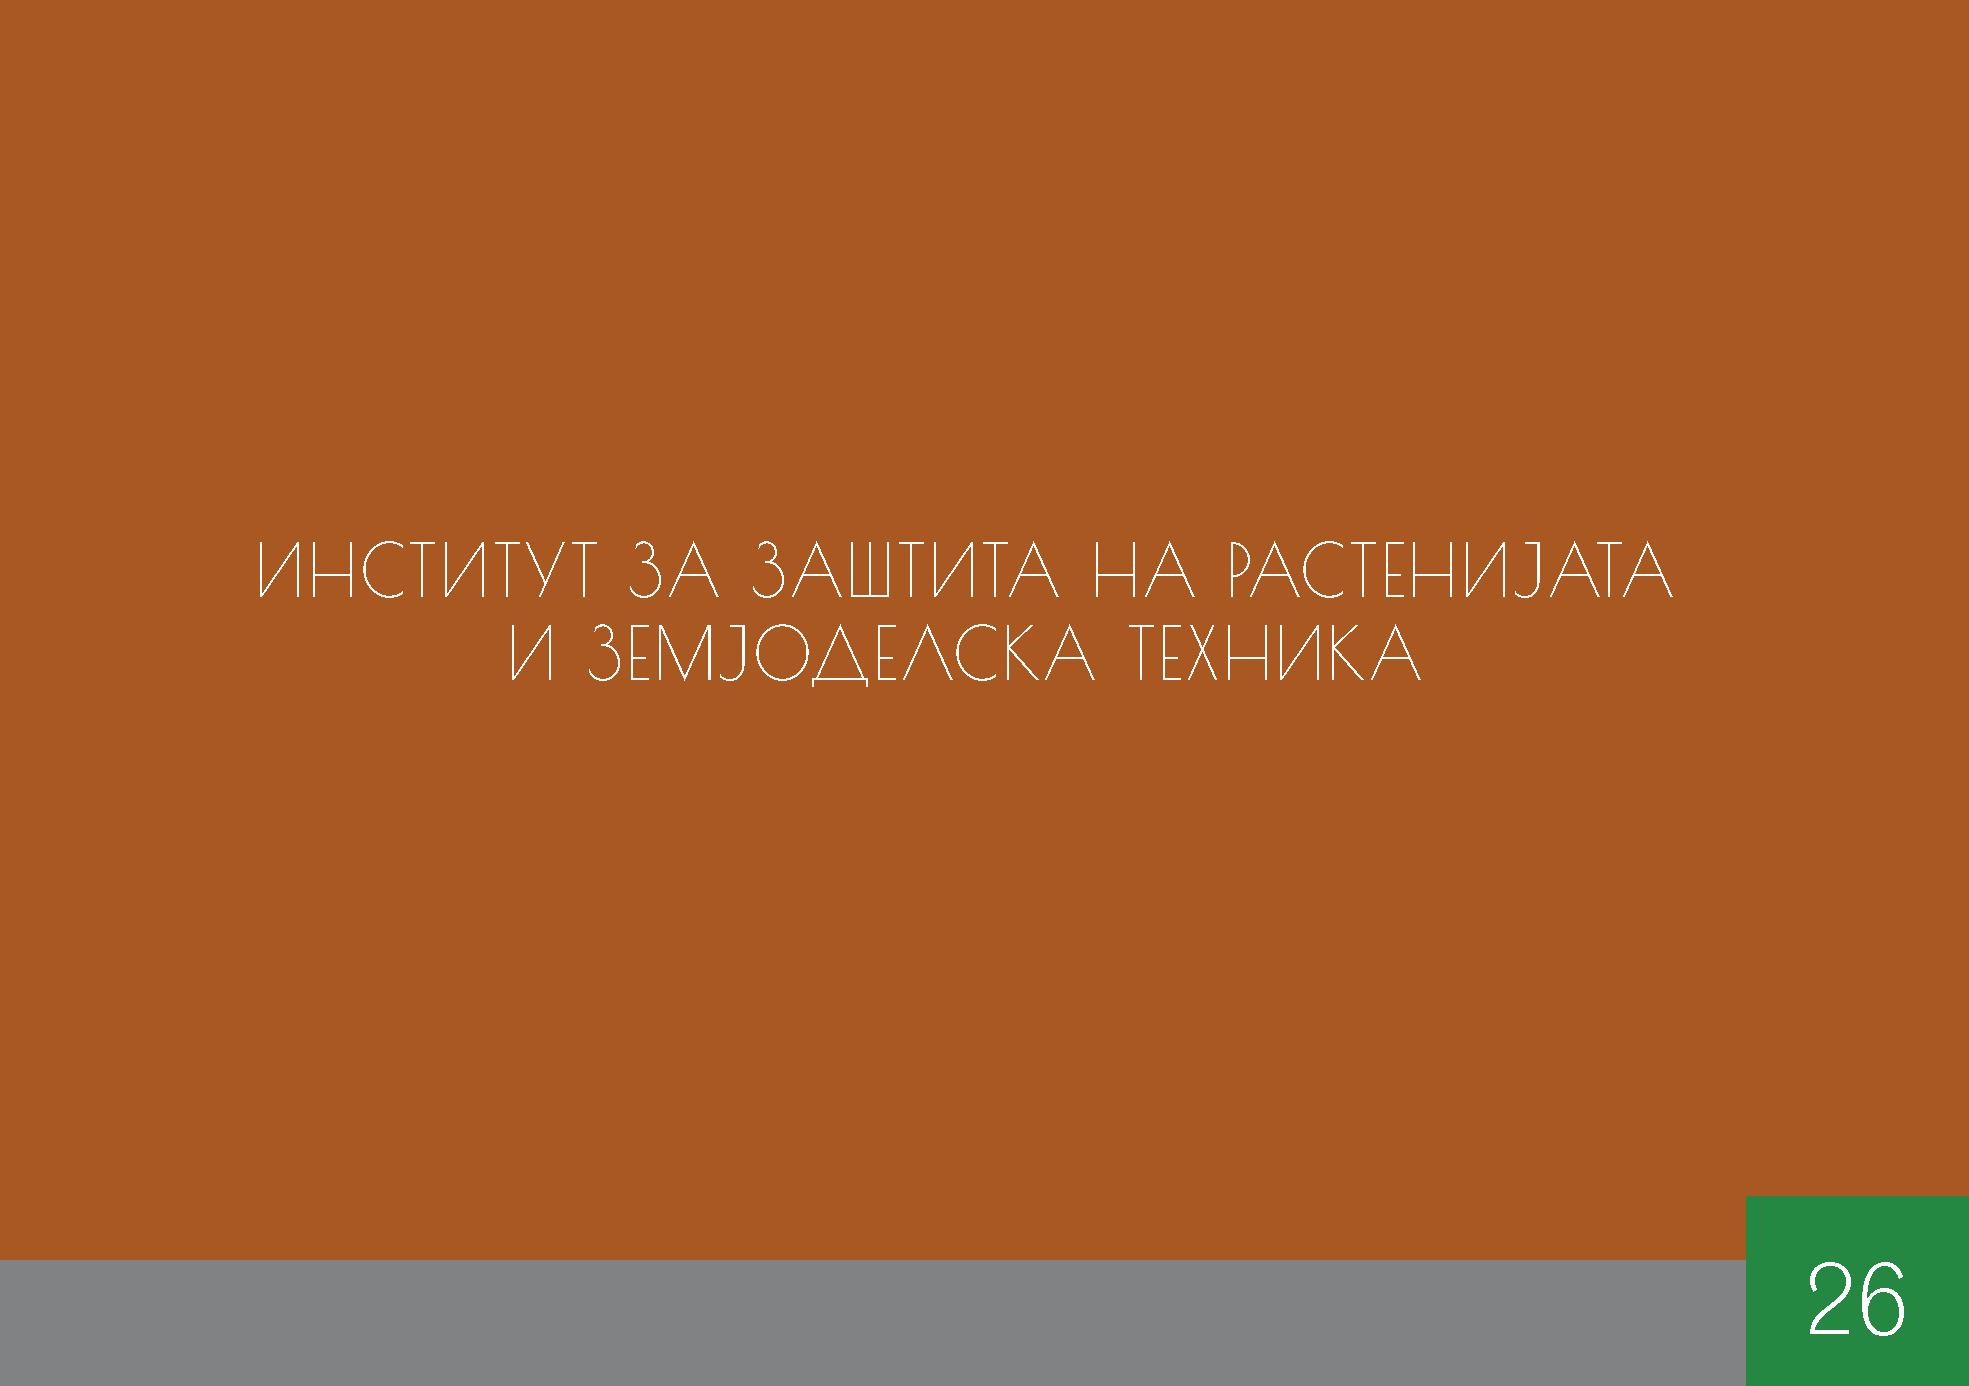 zastita.png